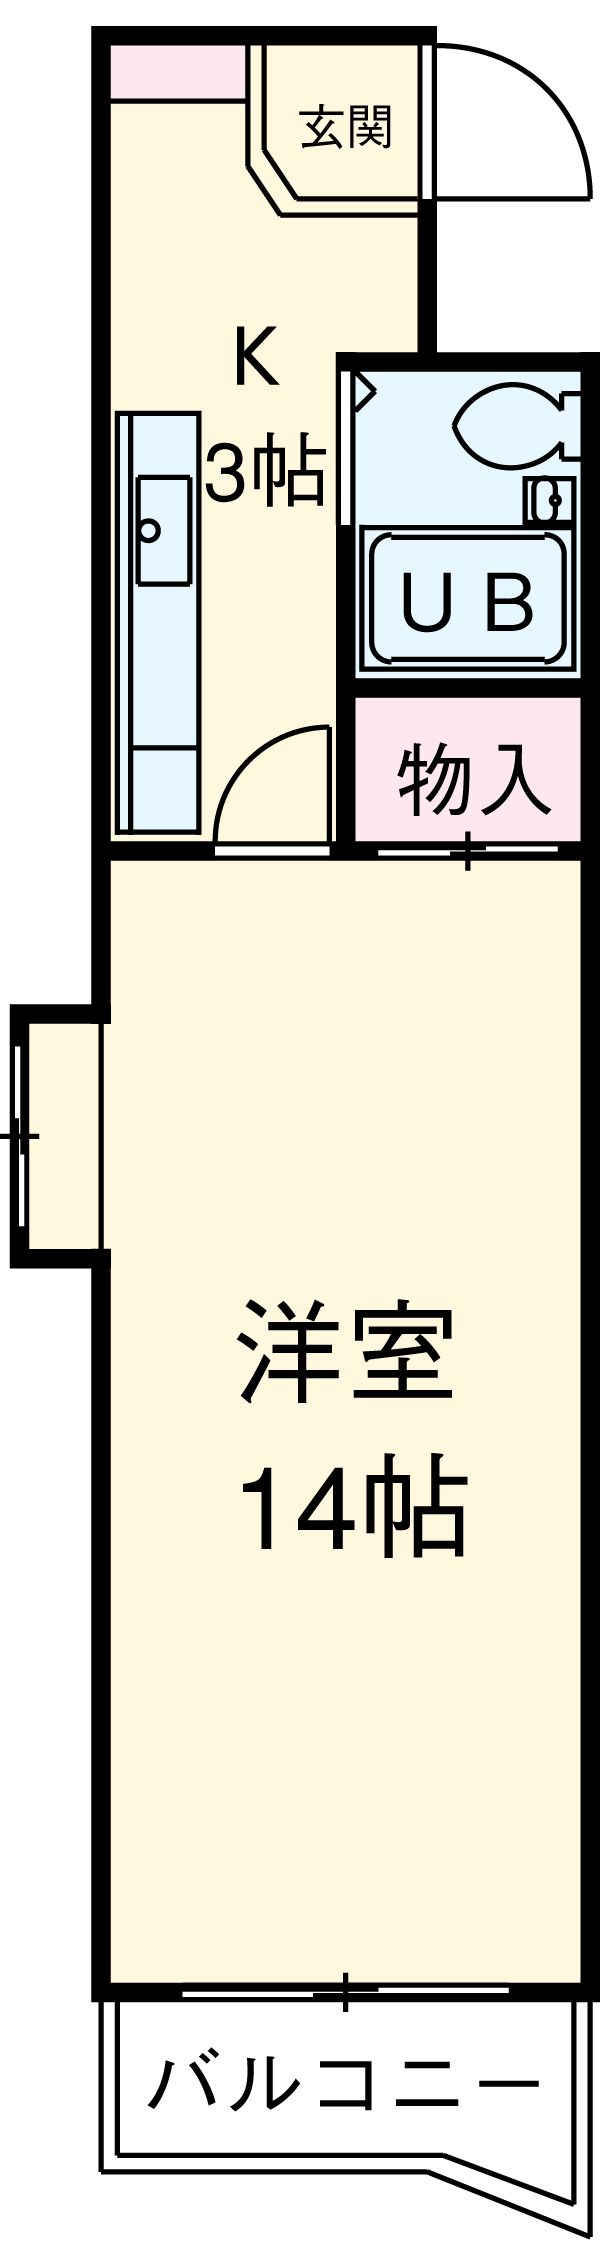 シティアーク熱田・3A号室の間取り